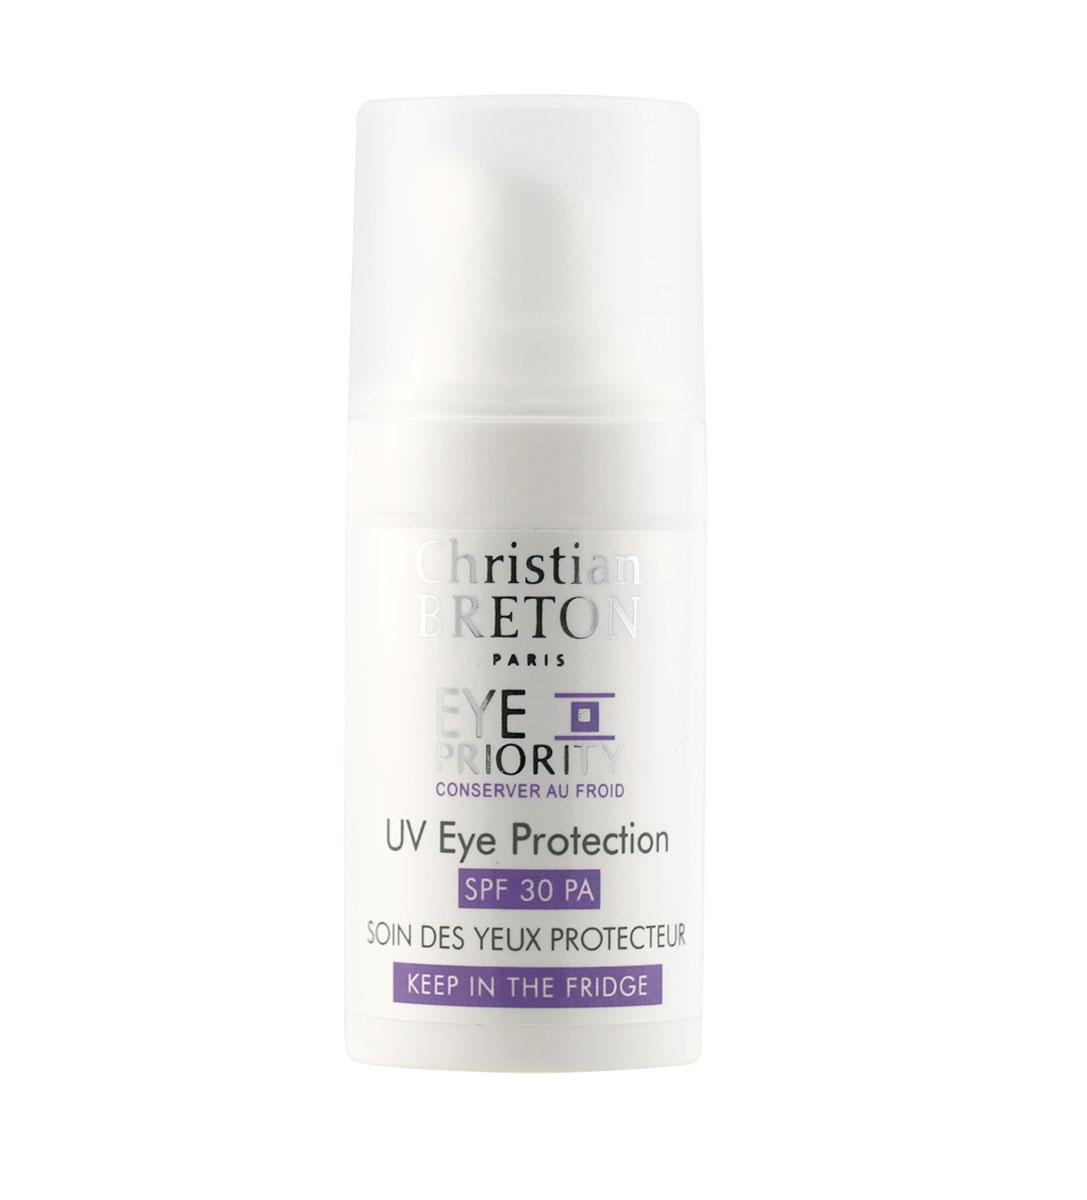 Christian Breton Крем защитный для кожи вокруг глаз SPF30 15 мл122014Специально разработанный крем для кожи вокруг глаз с превосходной защитой от солнечного излучения. Крем подтягивает кожу и разглаживает морщинки, блокирует негативные факторы окружающей среды и препятствует фотостарению.